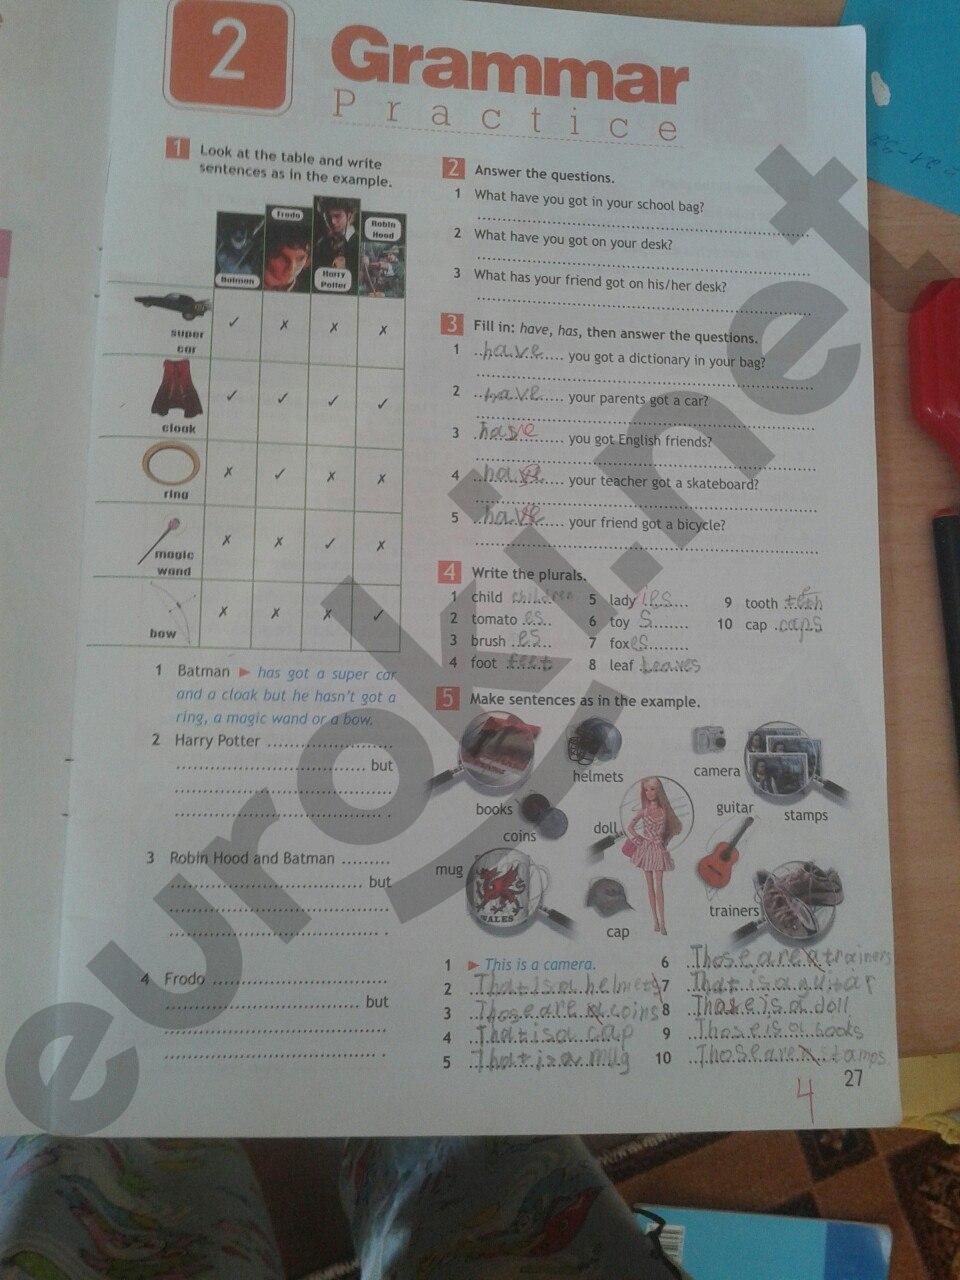 решебник по английскому 5 класс ваулина дули рабочая тетрадь